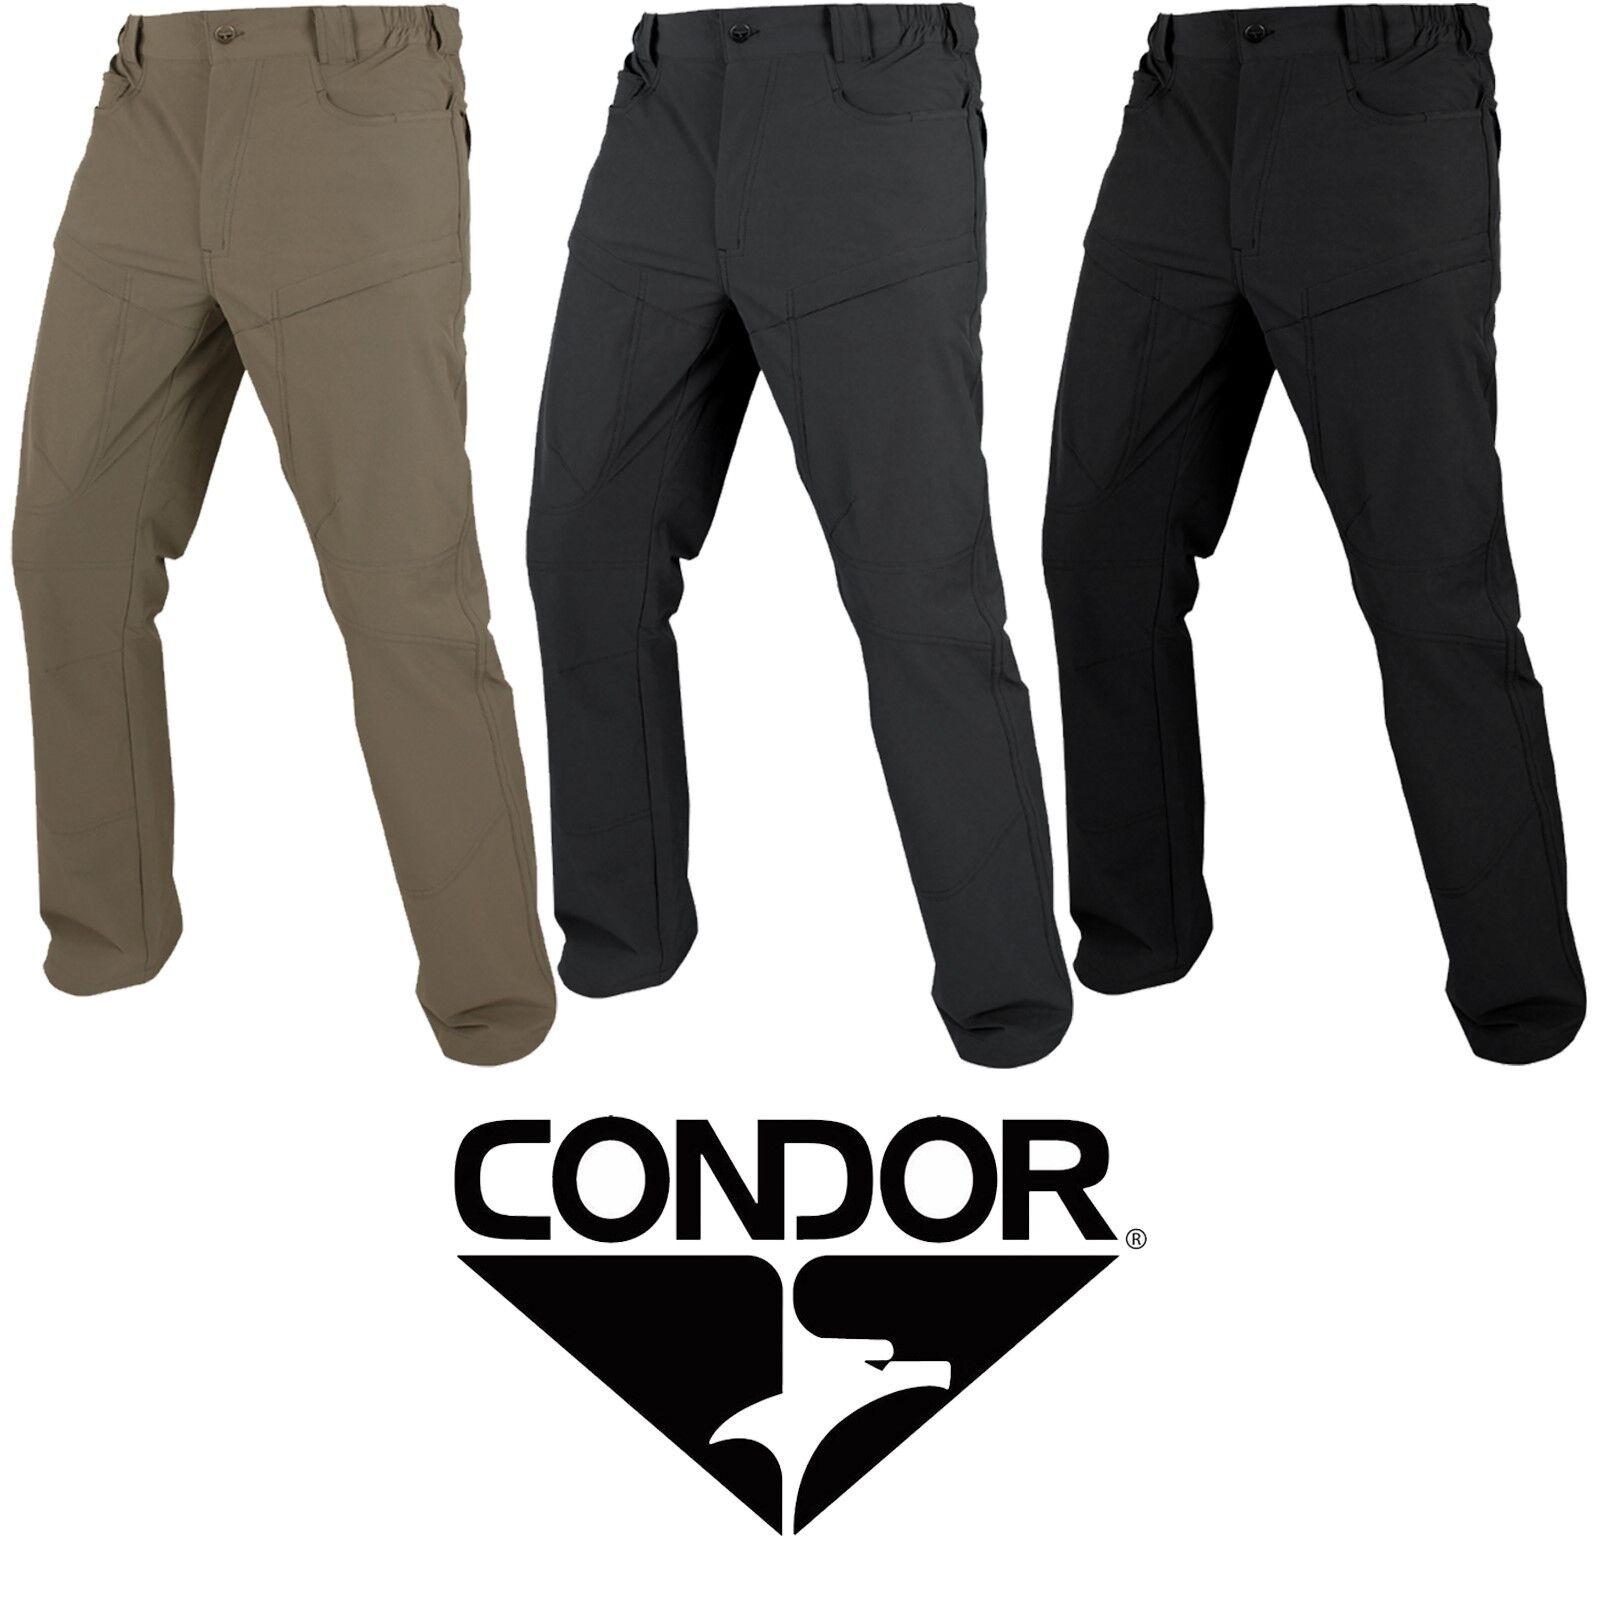 Condor Tattico Caccia Odissea Acqua   Stain Resistente Nylon Cargo Outdoor Pants